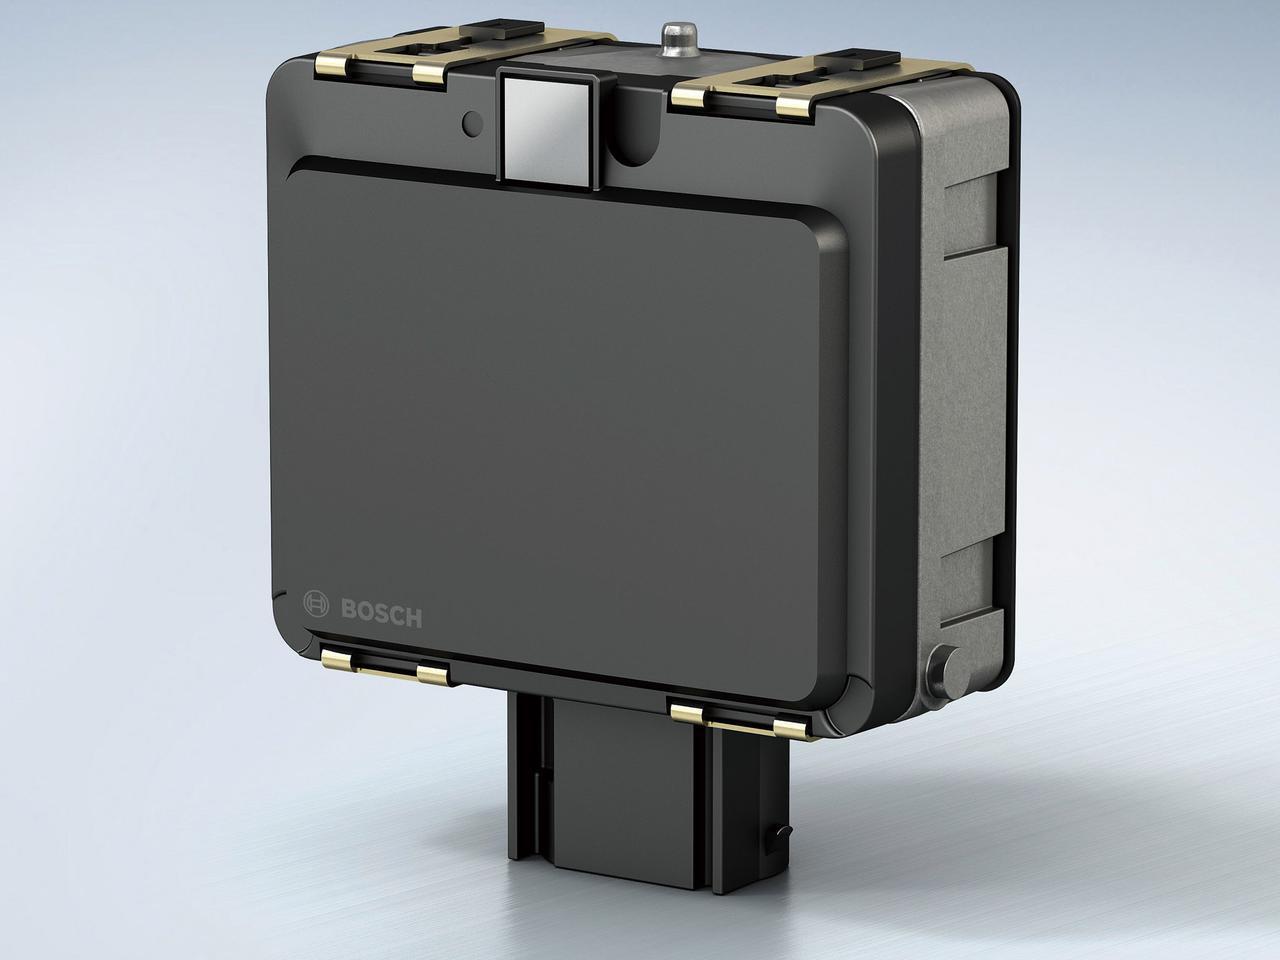 画像: レーサーセンサーユニットはBOSCH製。先に紹介したドゥカティのムルティストラーダV4と同タイプと思われる。